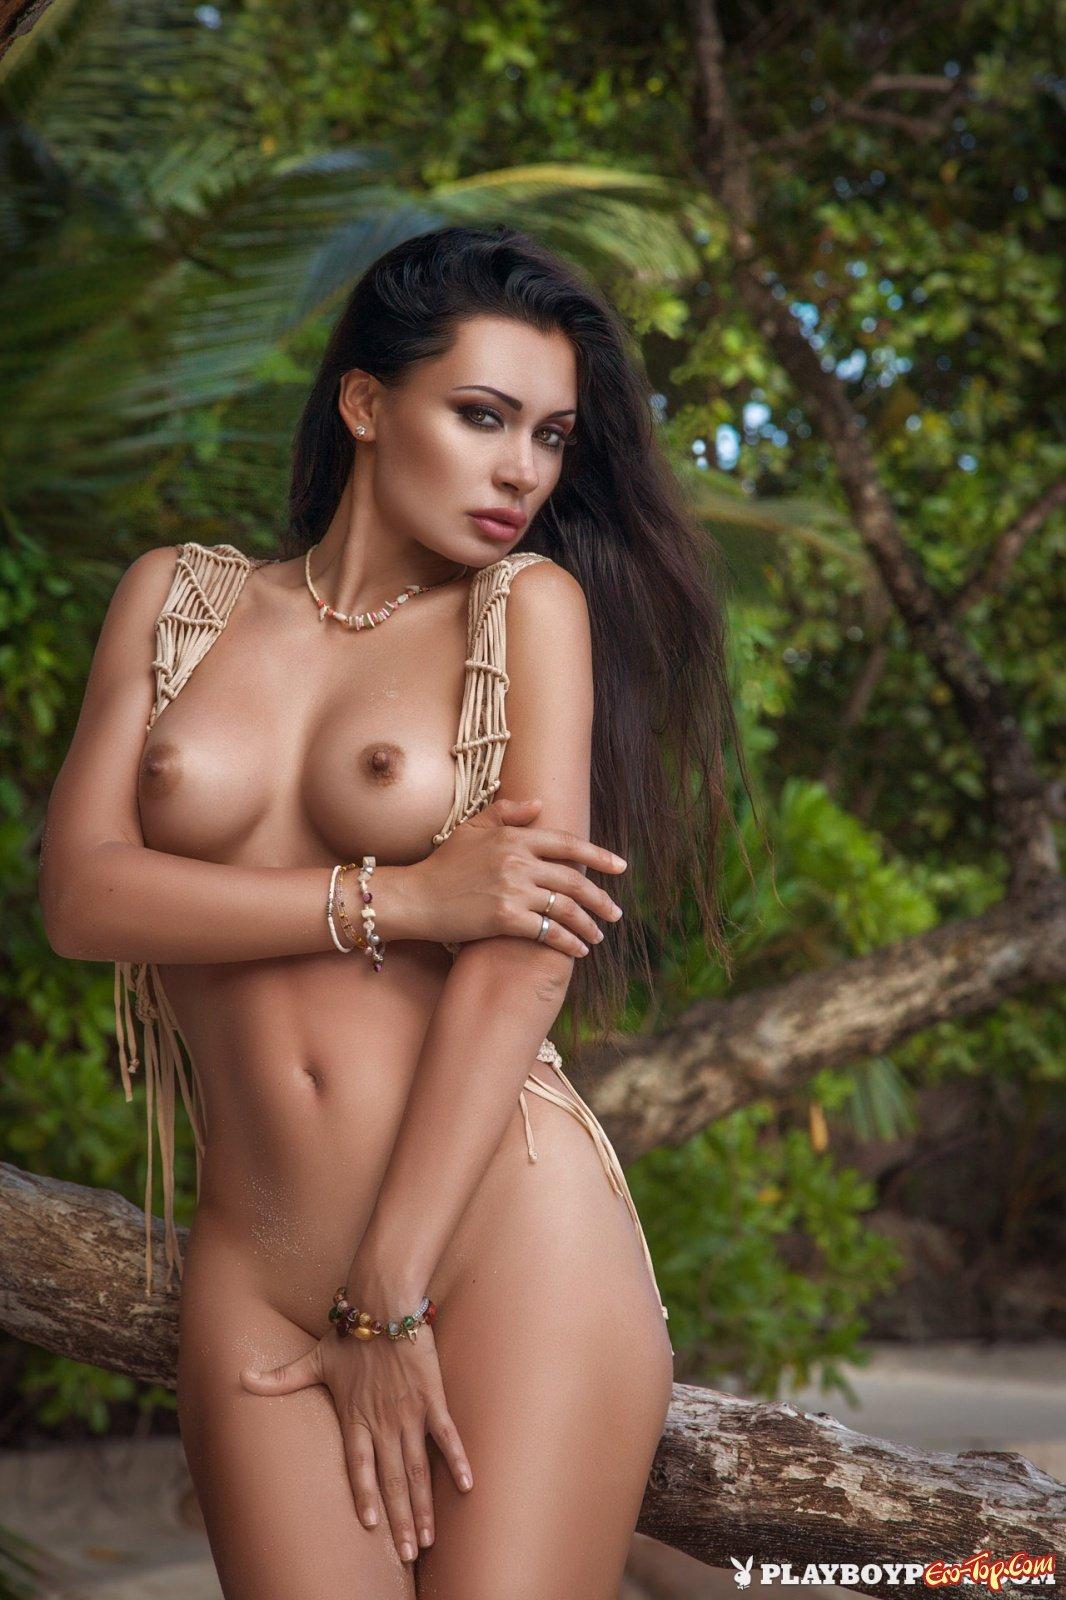 Venezuela nude women pics